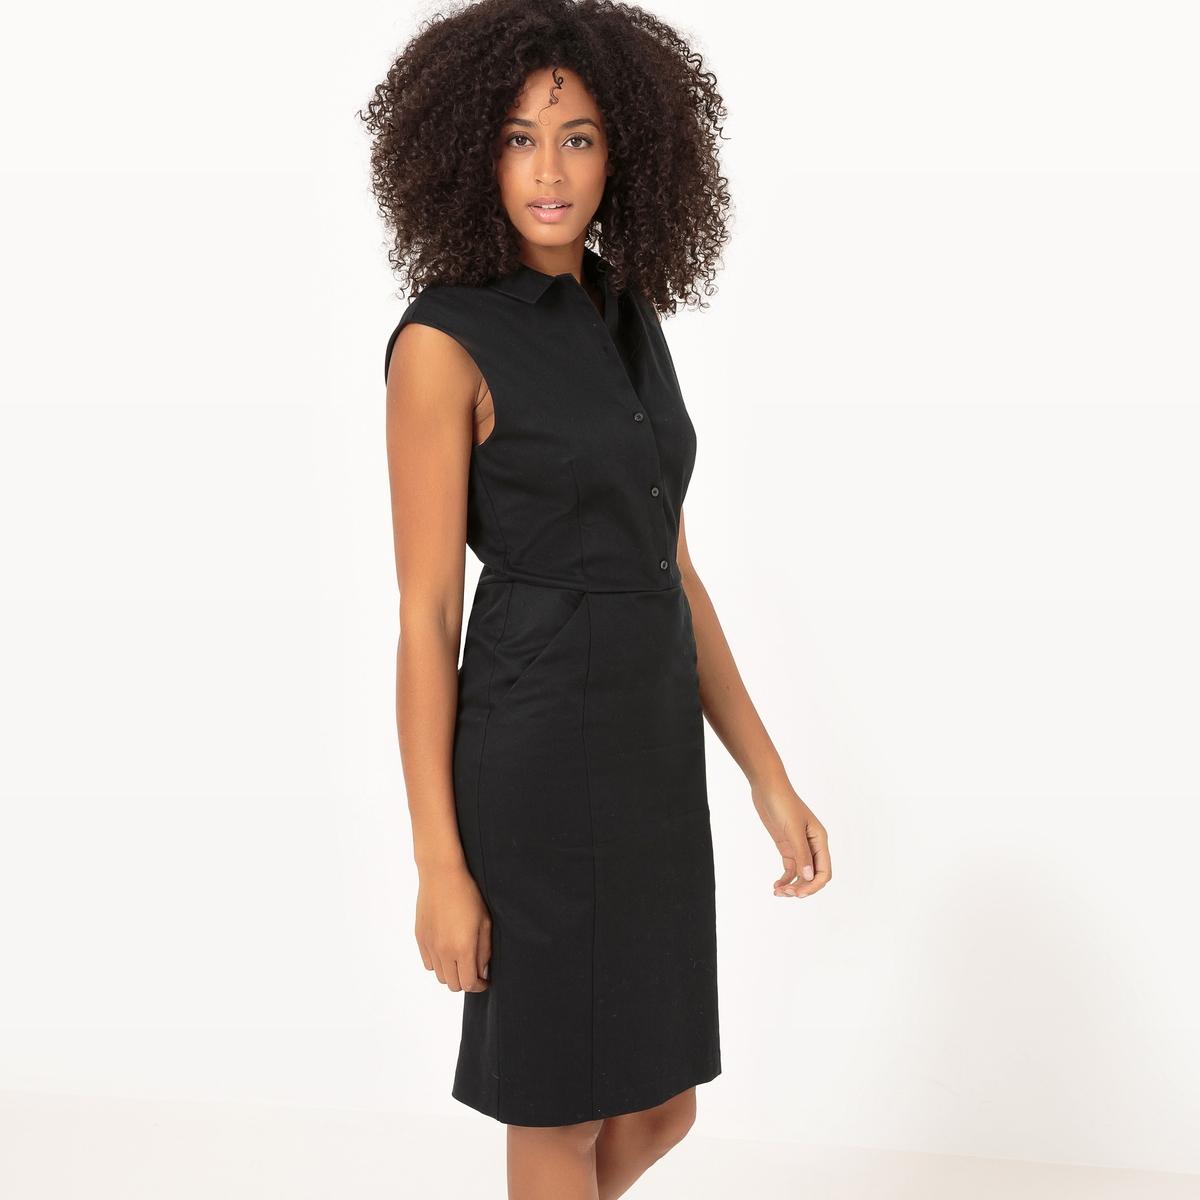 Платье-поло, однотонноеМатериал : 98% хлопка, 2% эластана             Длина рукава : короткие рукава             Форма воротника : воротник-поло, рубашечный            Покрой платья : платье прямого покроя                 Рисунок : однотонная модель              Длина платья : 100 см            Стирка : Машинная стирка при 30 °С в деликатном режиме            Уход : Сухая чистка и отбеливание запрещены            Машинная сушка : Машинная сушка запрещена            Глажка : при средней температуре<br><br>Цвет: синий,черный<br>Размер: 40 (FR) - 46 (RUS).48 (FR) - 54 (RUS).44 (FR) - 50 (RUS).38 (FR) - 44 (RUS).52 (FR) - 58 (RUS).50 (FR) - 56 (RUS).48 (FR) - 54 (RUS).44 (FR) - 50 (RUS).38 (FR) - 44 (RUS).36 (FR) - 42 (RUS)